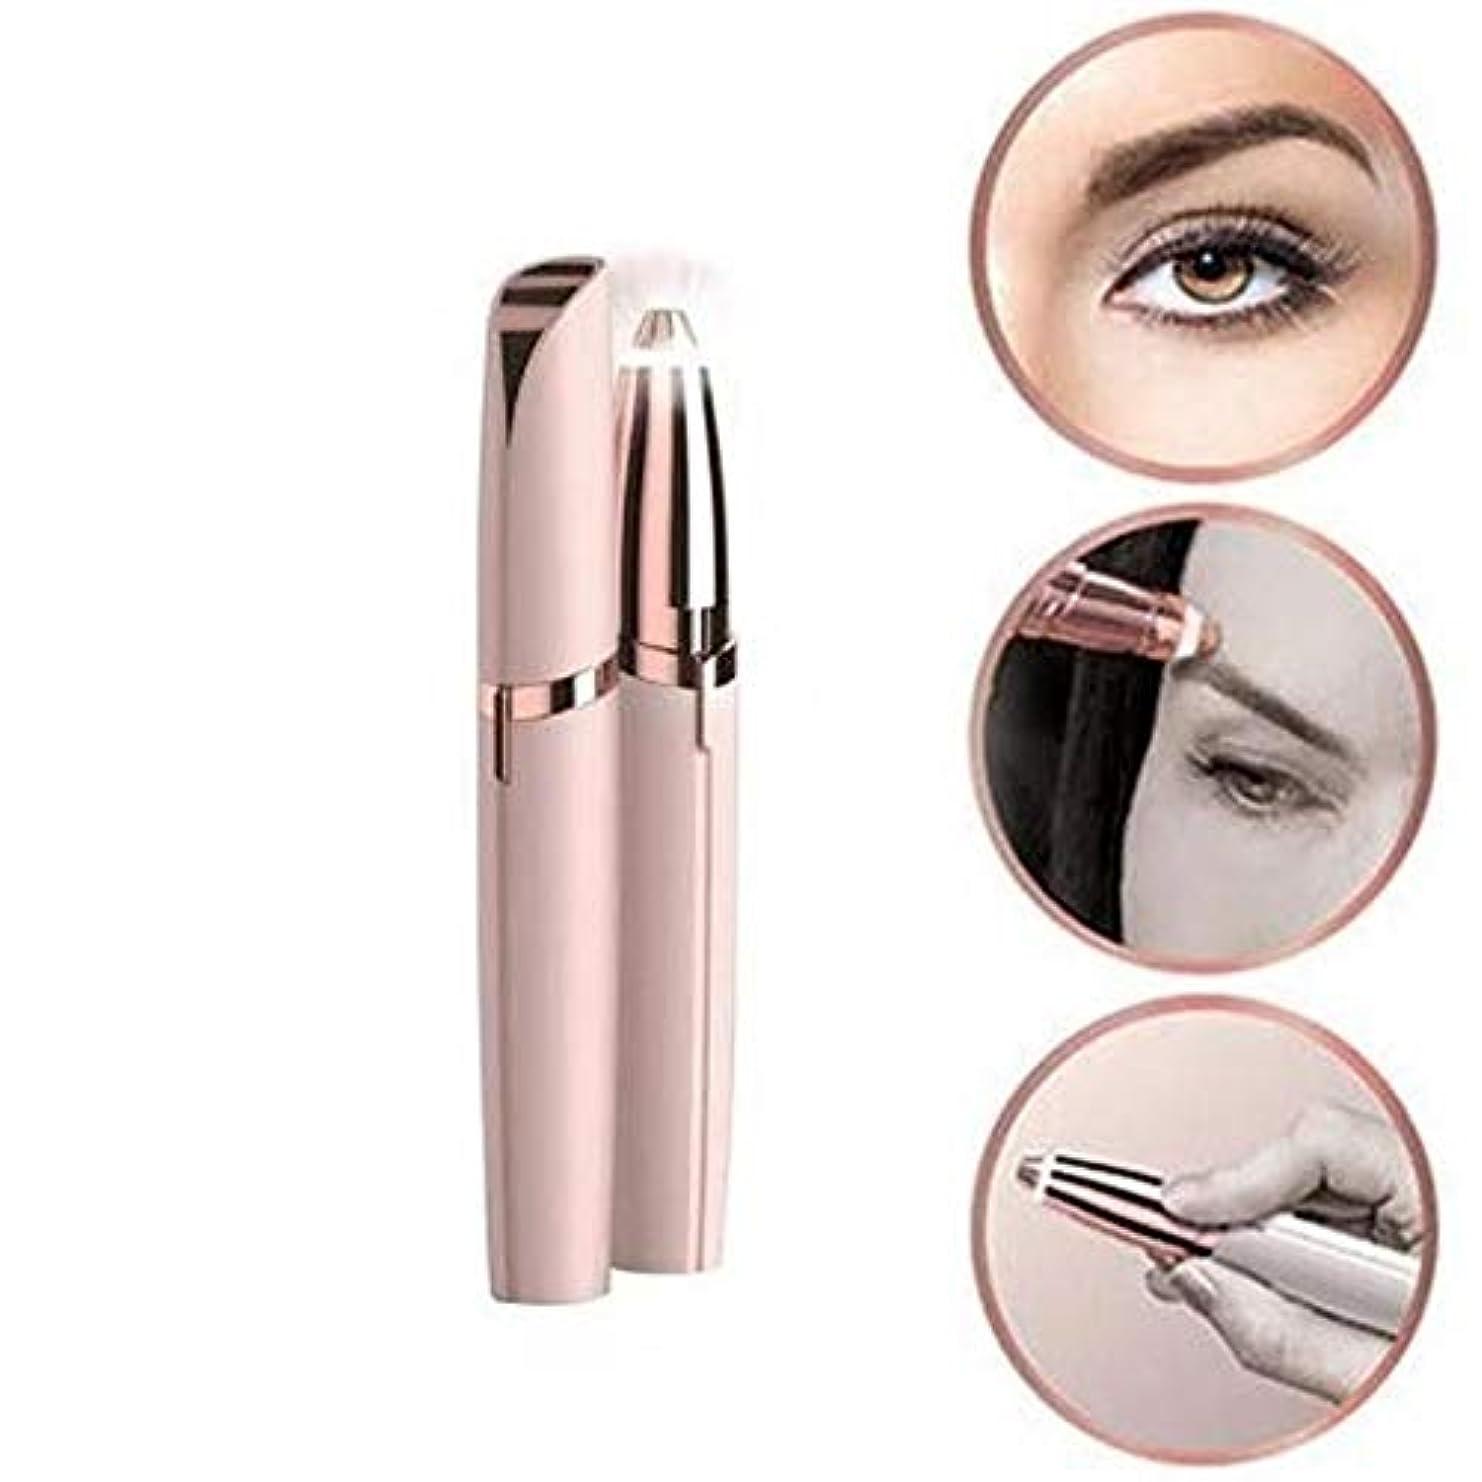 警告因子組み合わせ女性のための眉毛のヘアリムーバー電気無痛トリマー、ライト付きポータブル眉毛脱毛